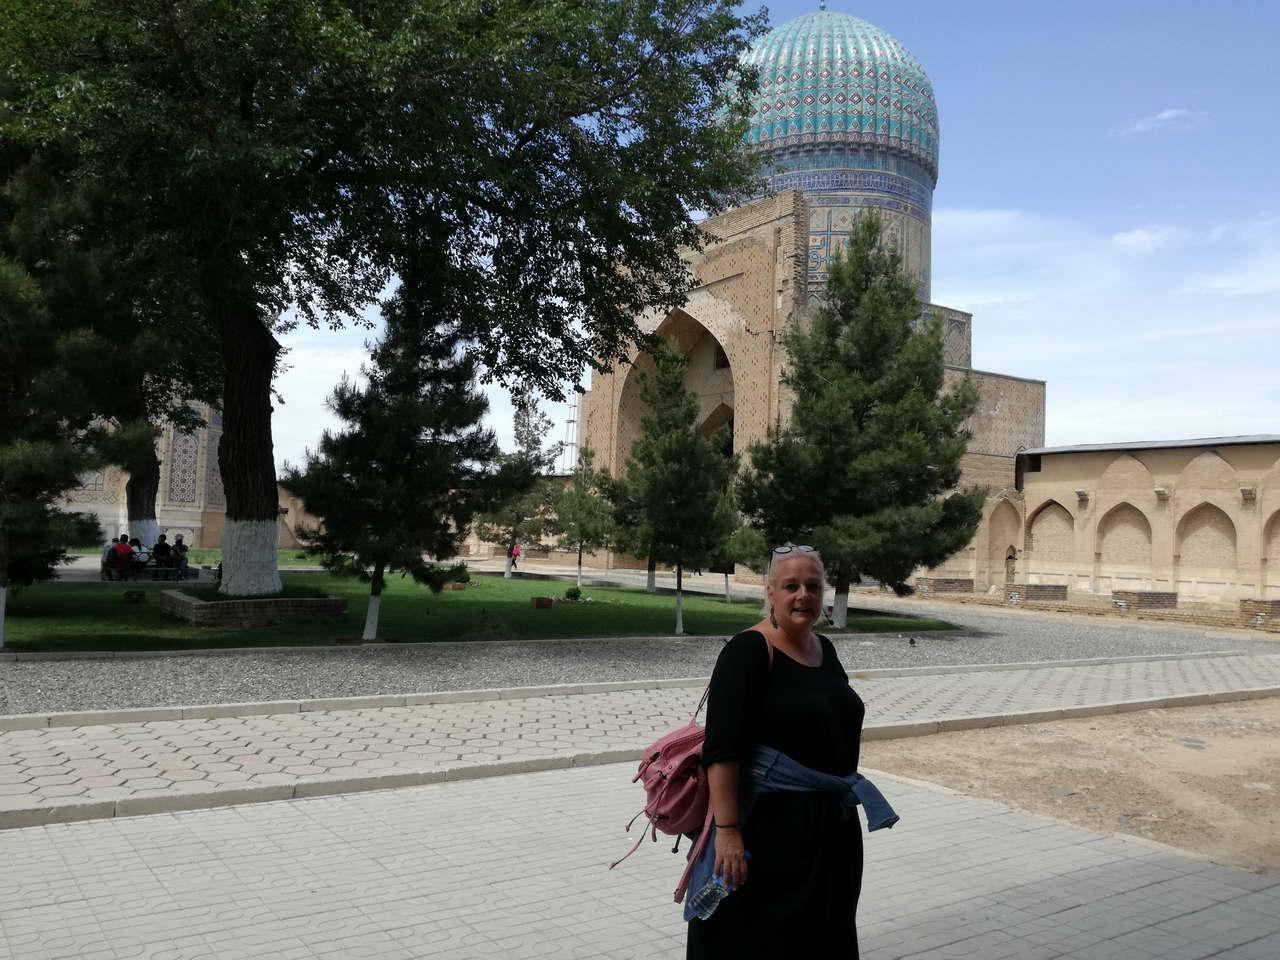 Στο Ουζμπεκιστάν δεν έχουν ΑΤΜ